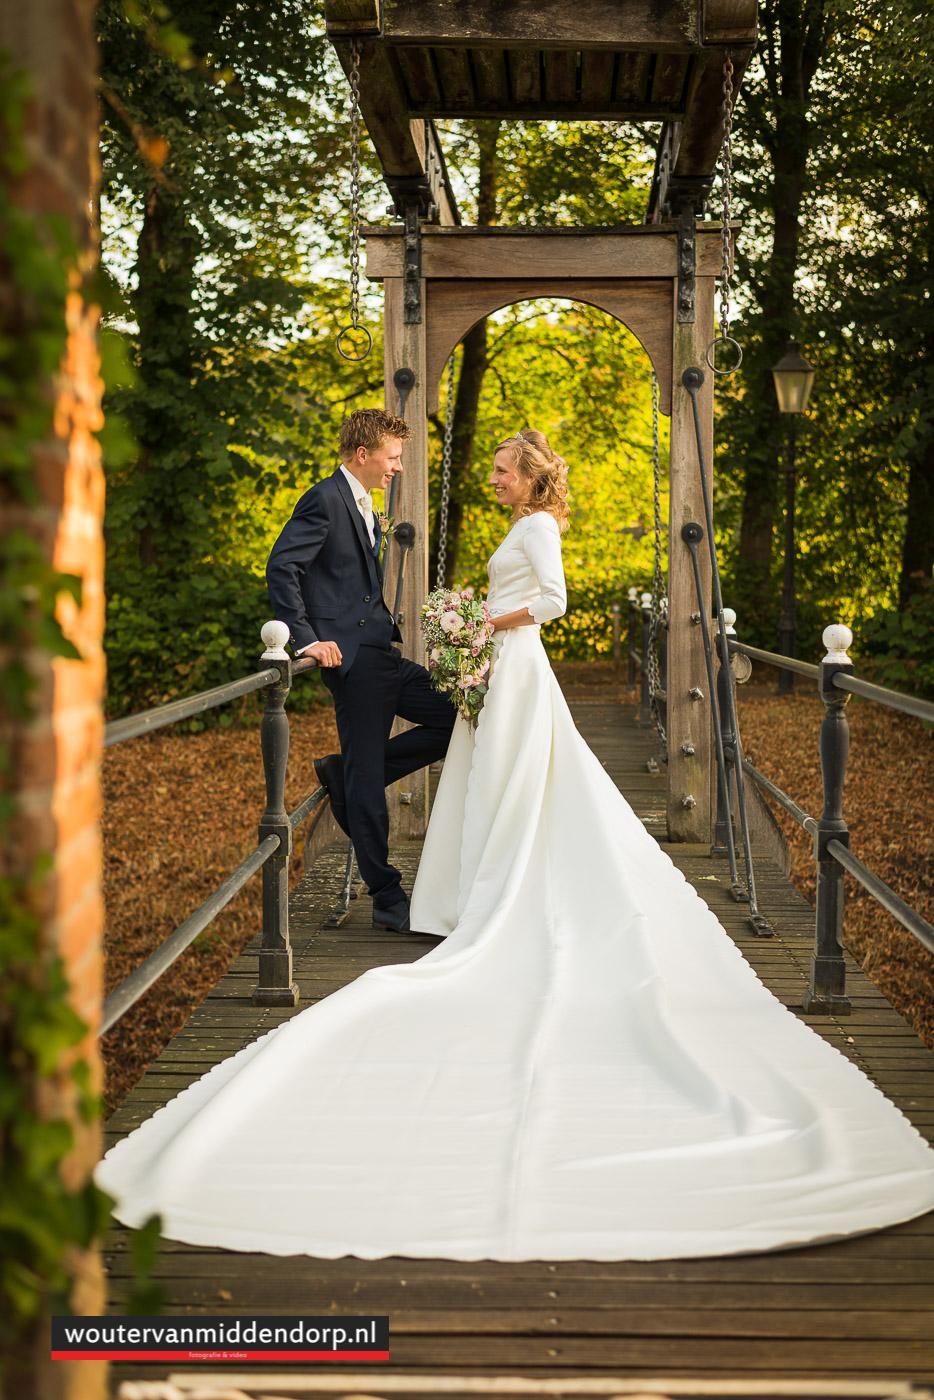 bruidsfotografie Wouter van Middendorp Uddel, Harskamp, Lunteren, Barneveld, fotograaf-15